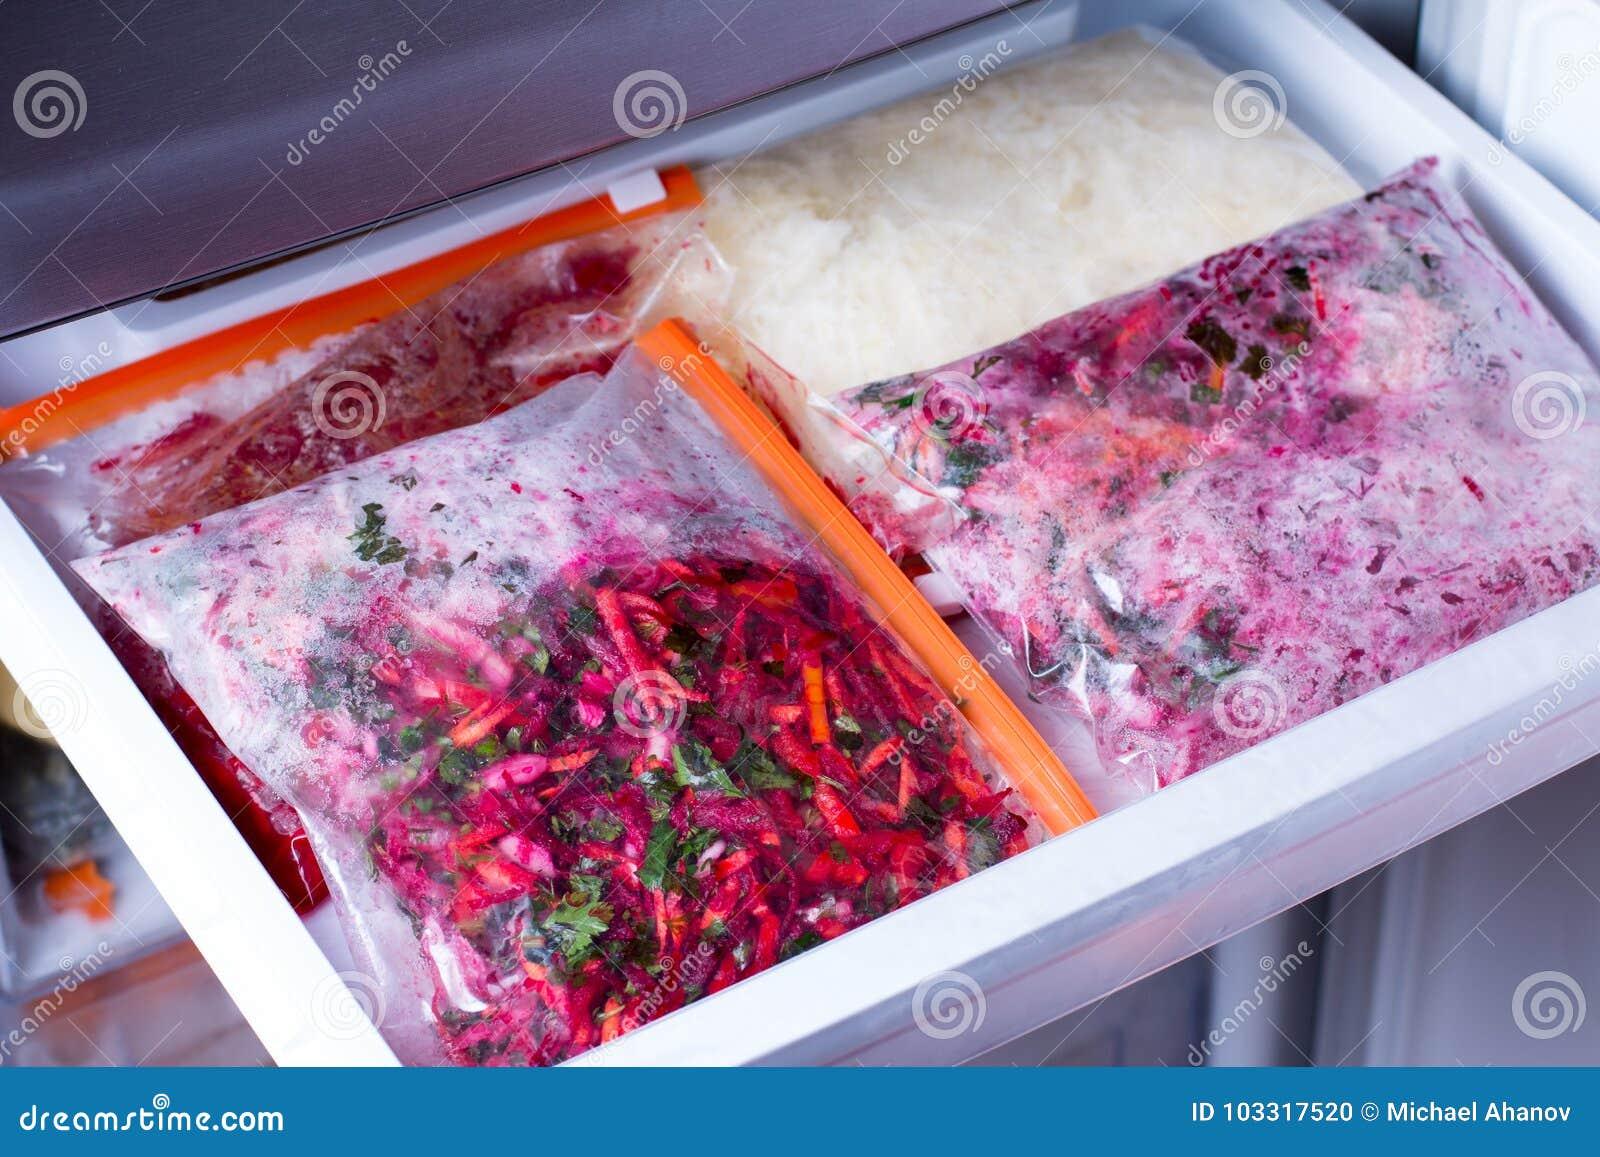 Mahlzeiten in den Taschen im Kühlschrank